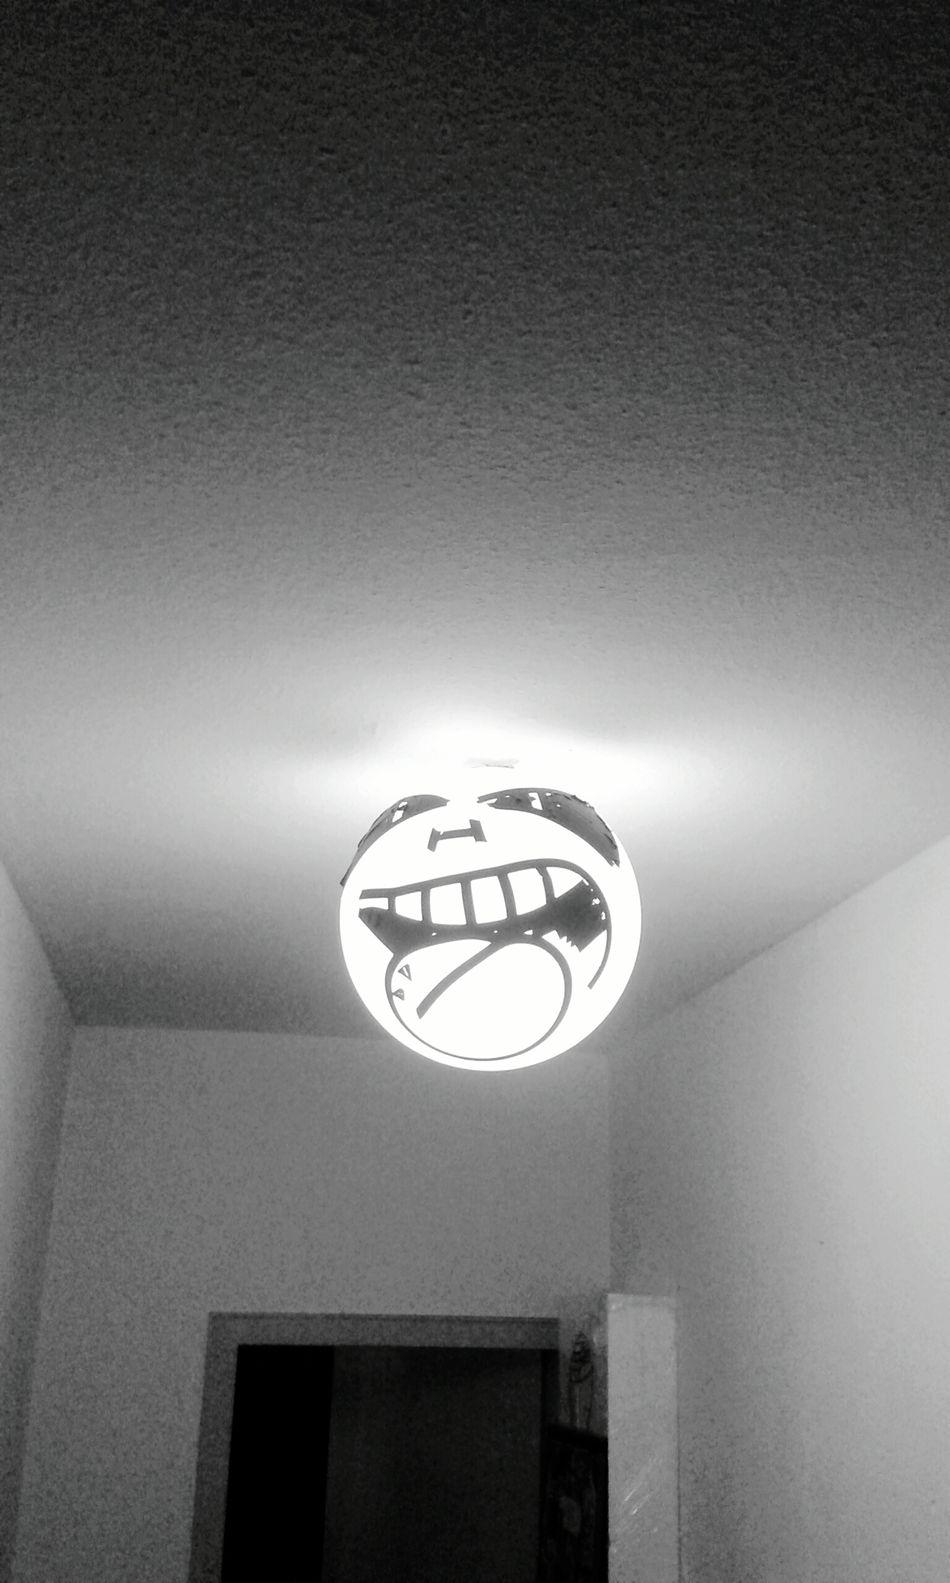 Kunst Ist Was Du Daraus Machst Just For Fun du hast so geniale Dinge getan, mal eben so aus der Hand, so nebenbei.. eine stylische Deckenlampe!! ( R.I.P. My Friend ) Shades Of Grey Art Is Everywhere Handmade